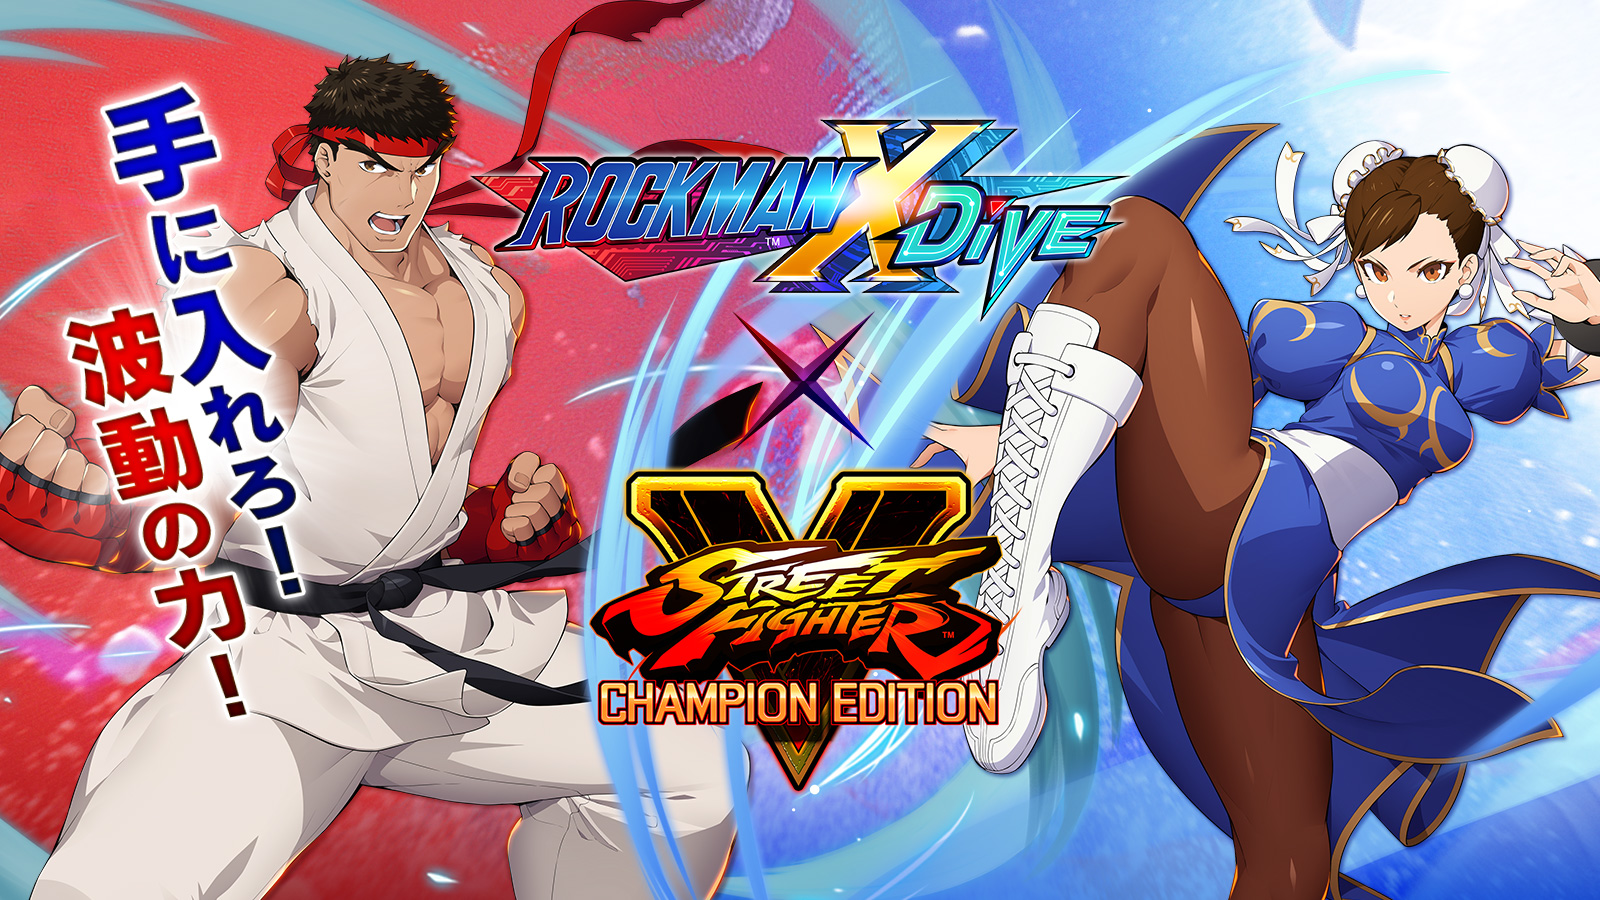 『ロックマンX DiVE』で『ストリートファイターV チャンピオンエディション』とのスペシャルコラボレーションが決定!